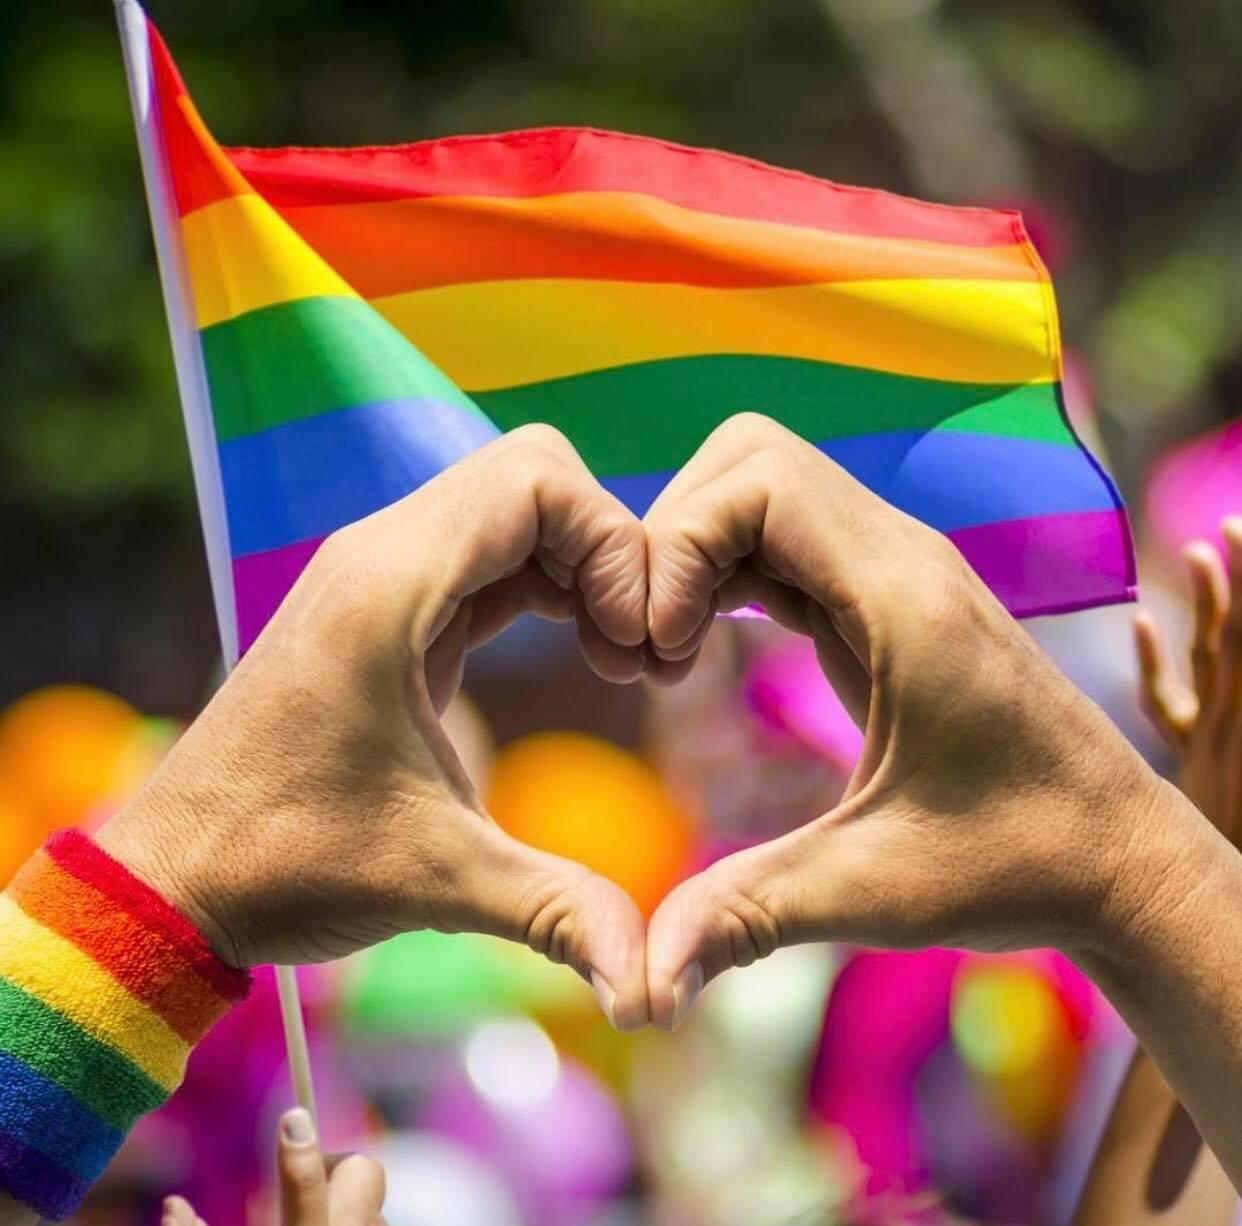 Respetar la diversidad y a todos: AMLO en el Día del Orgullo LGBT+